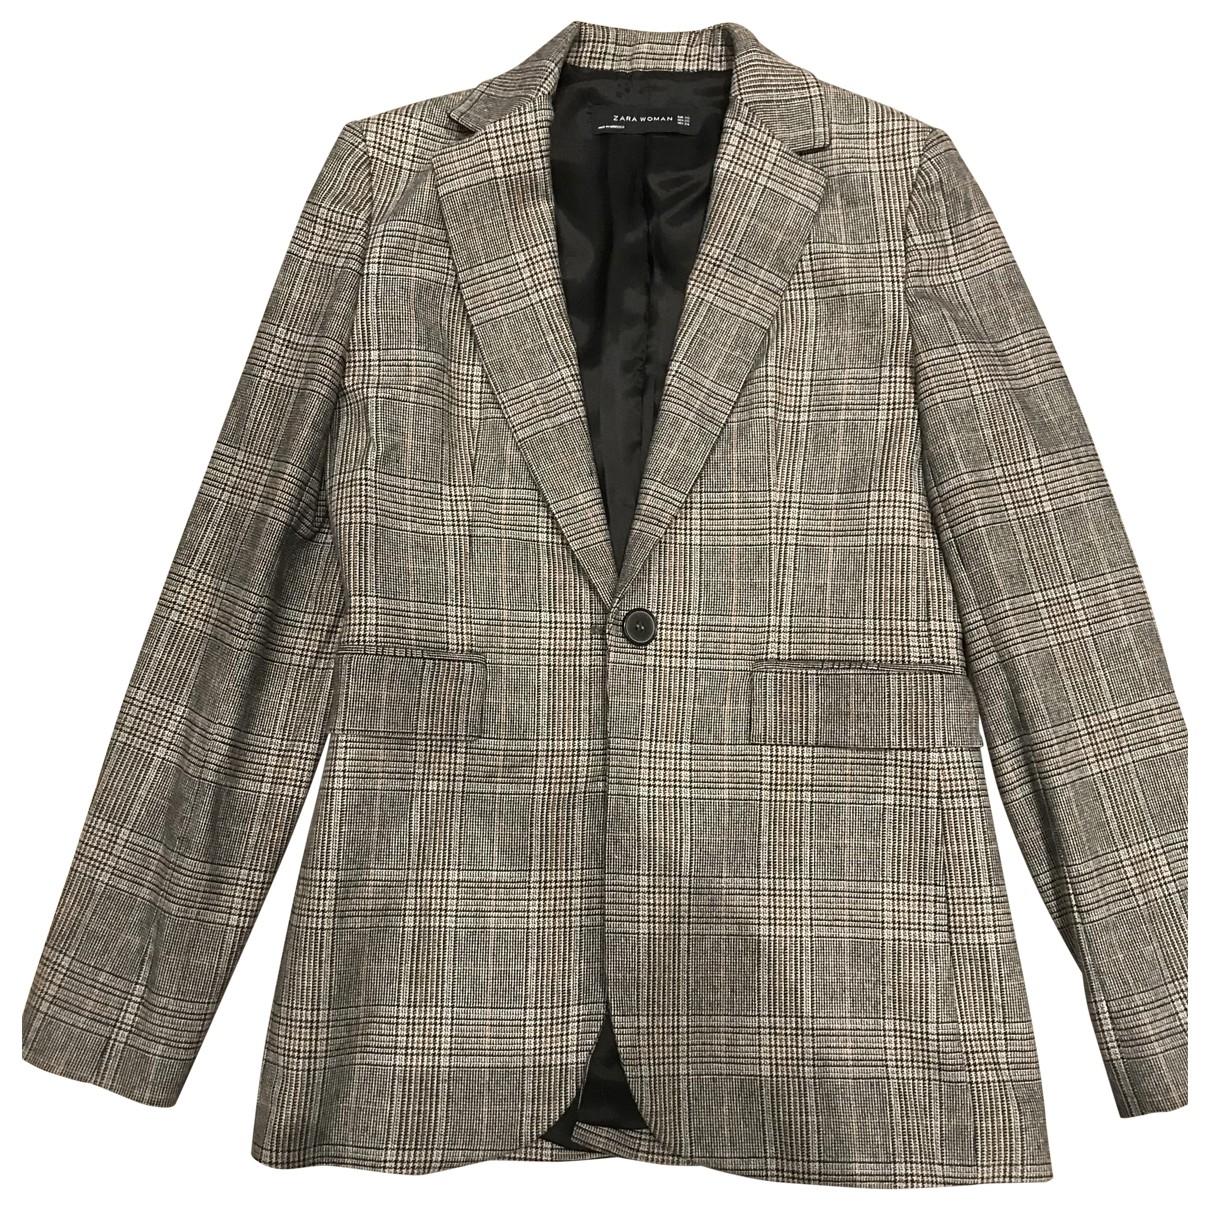 Zara - Veste   pour femme en laine - multicolore